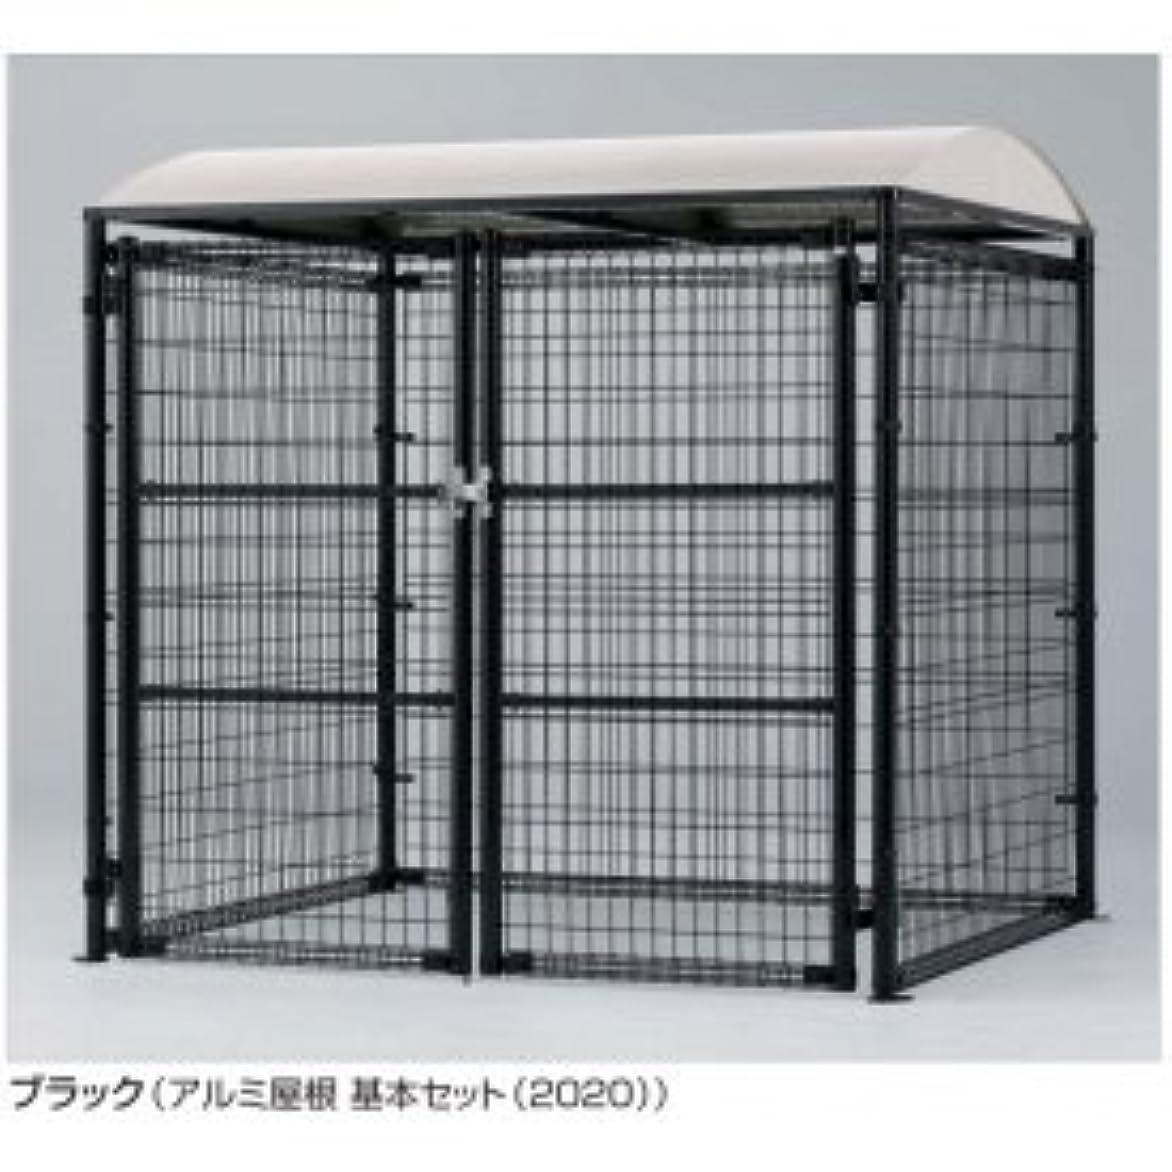 孤児エンドテーブル沼地四国化成 ゴミストッカー LMF10型(アンカー式?メッシュ屋根) GSM10-MA4020WH ホワイト